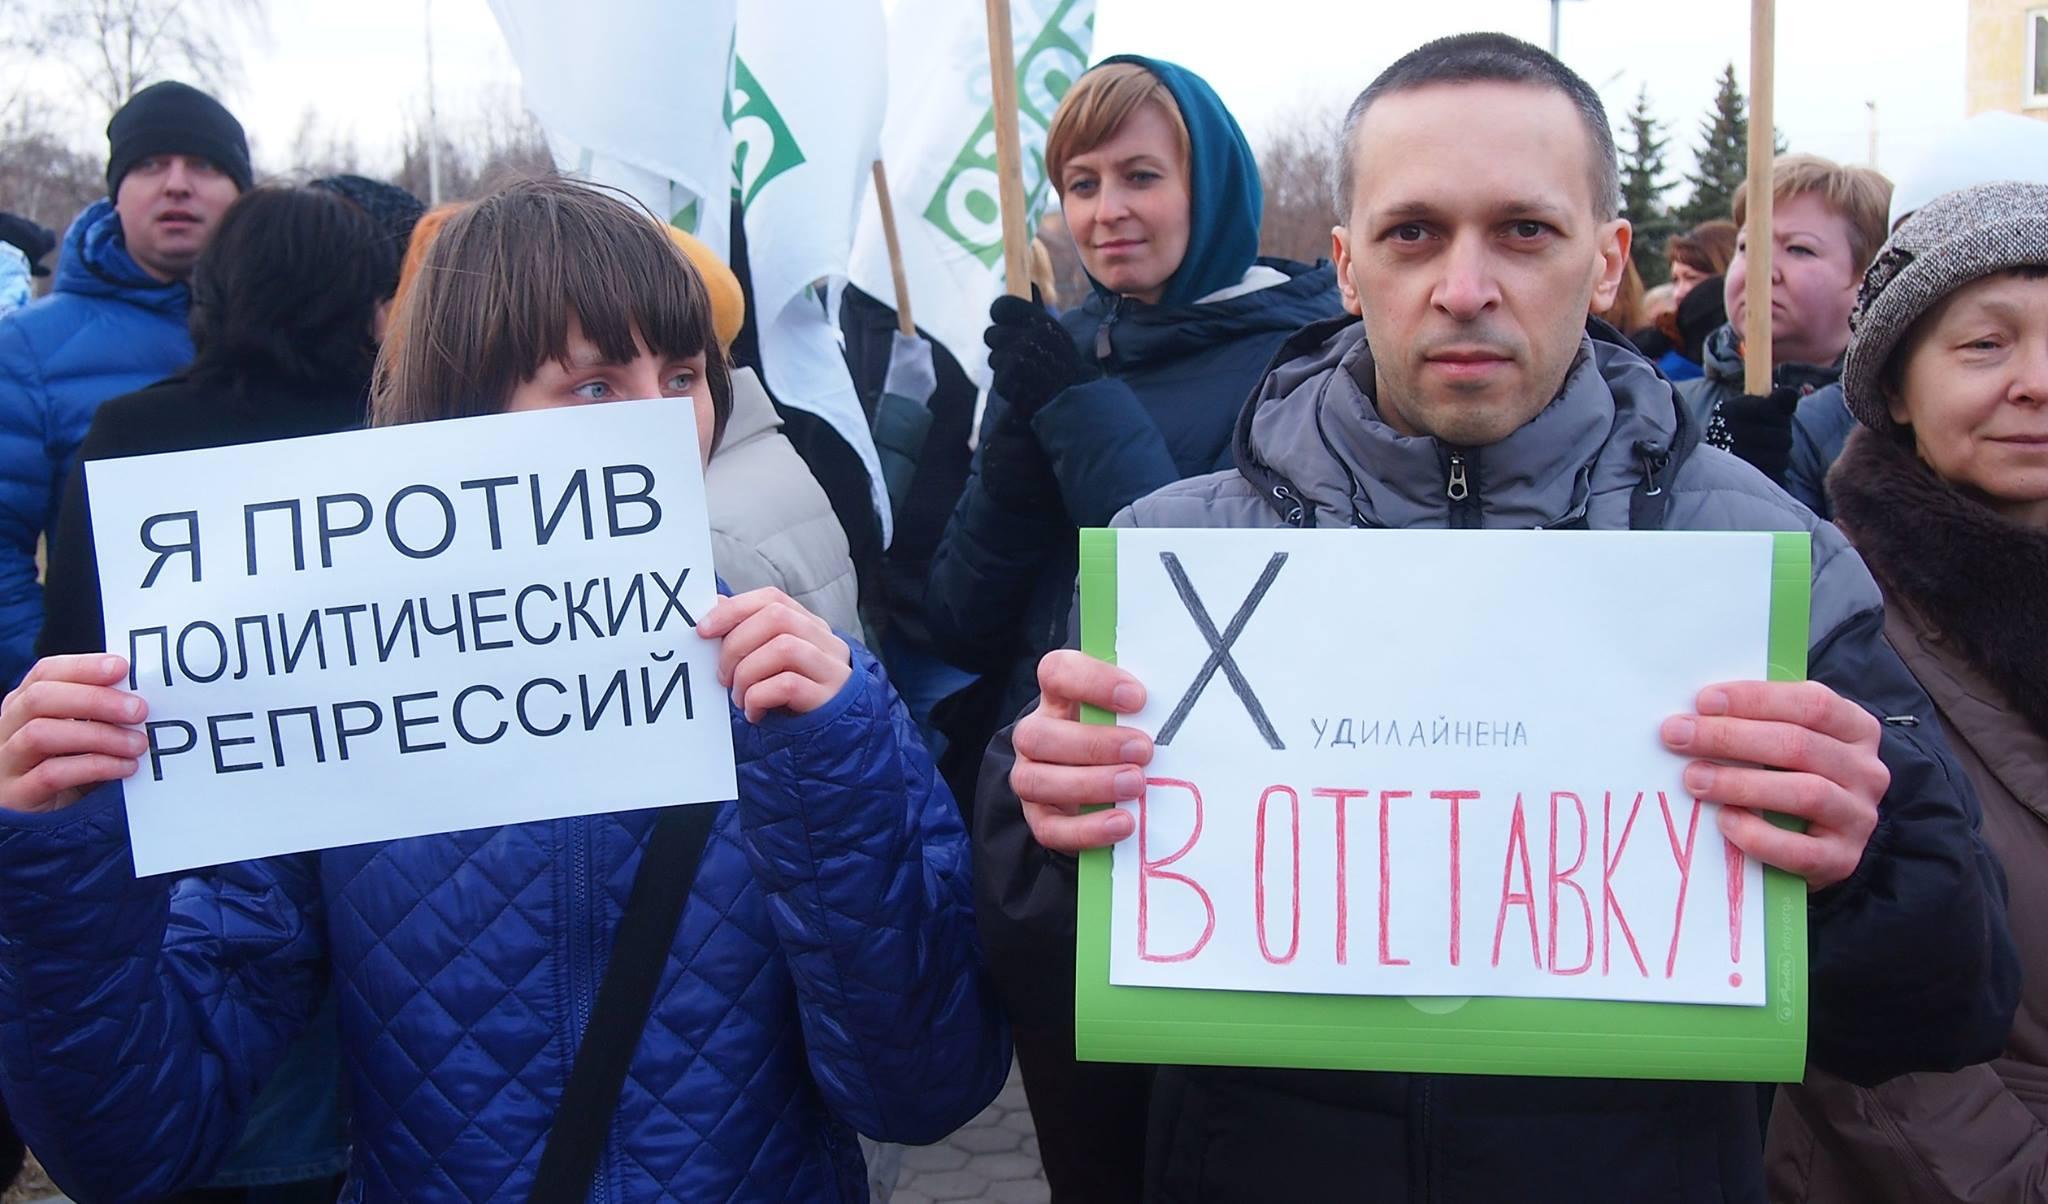 Митинг против политических репрессий в Карелии. Фото: Валерий Поташов